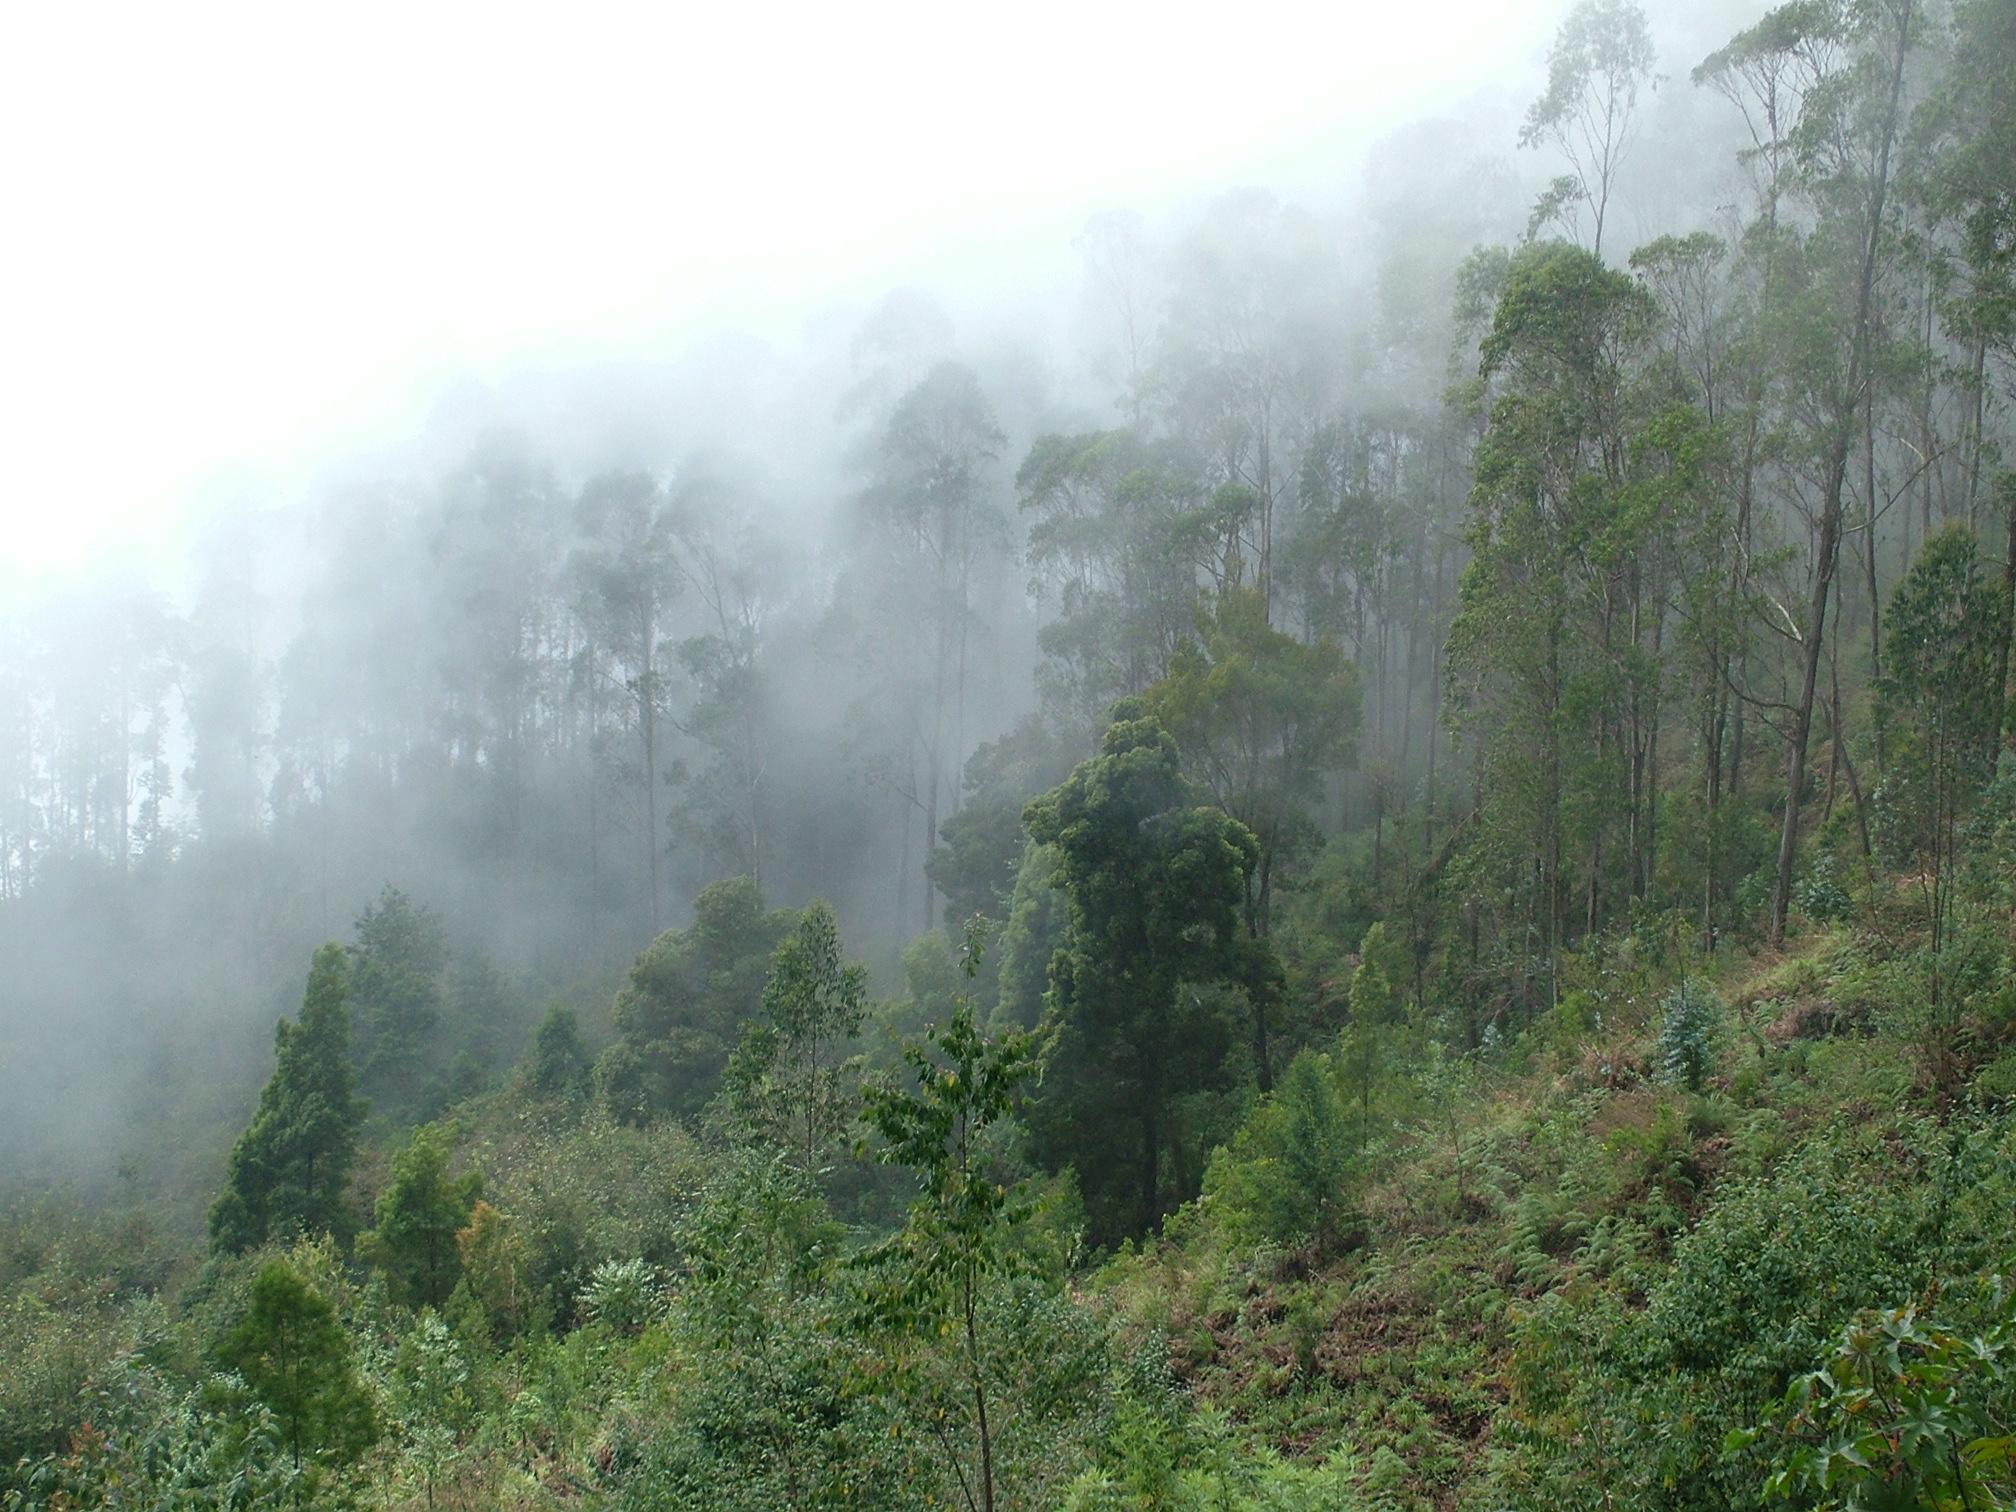 Download sunny-fog image in hi-res!